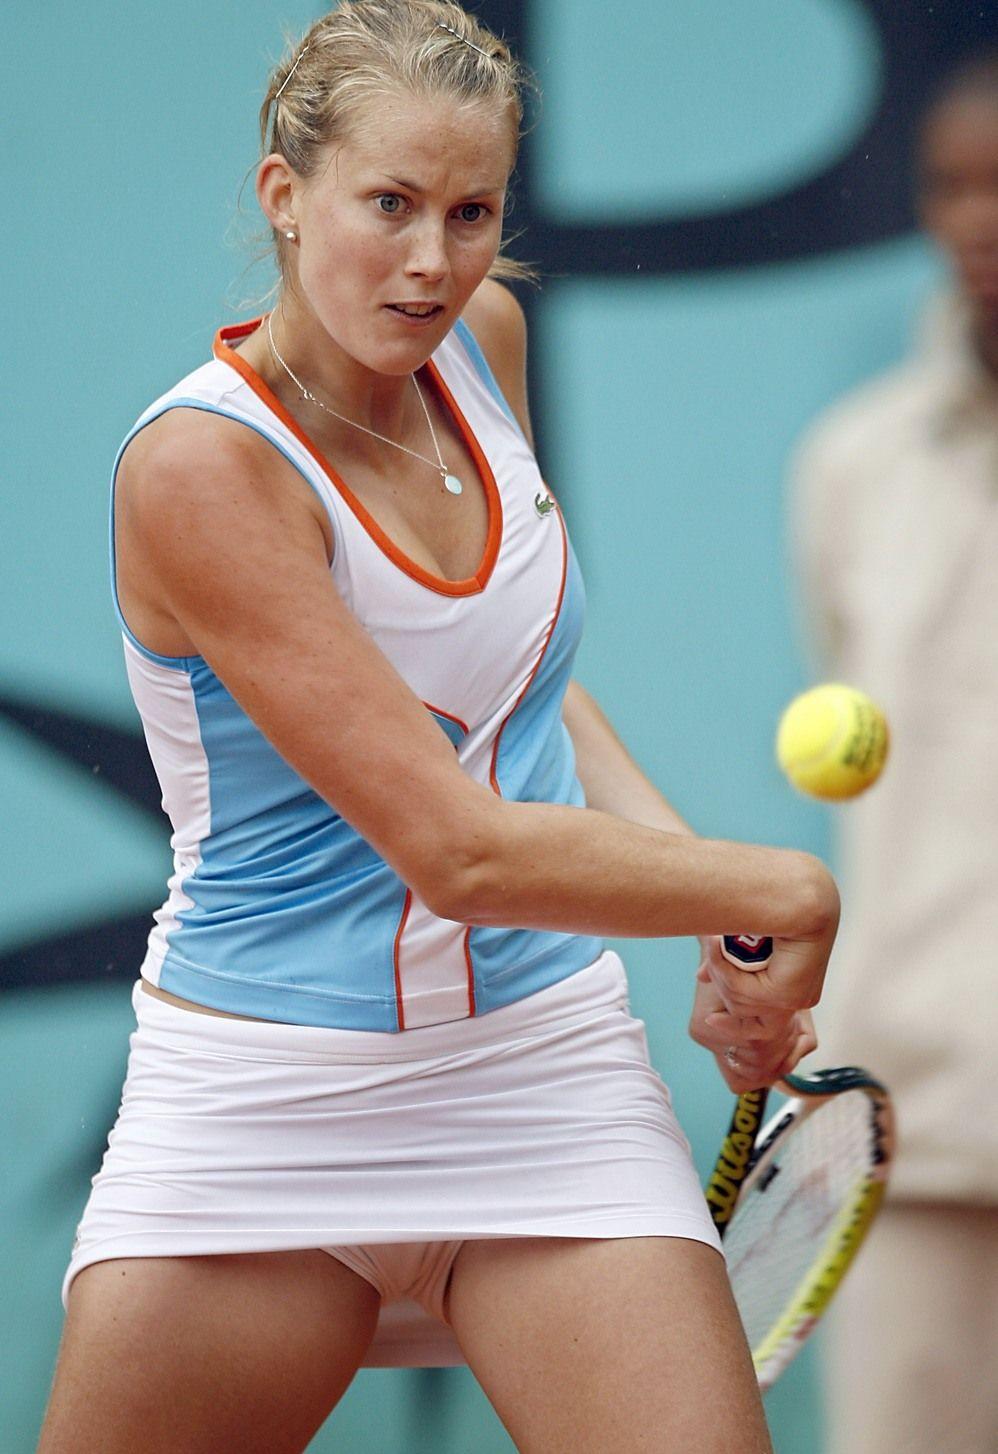 Теннис без трусиков 8 фотография